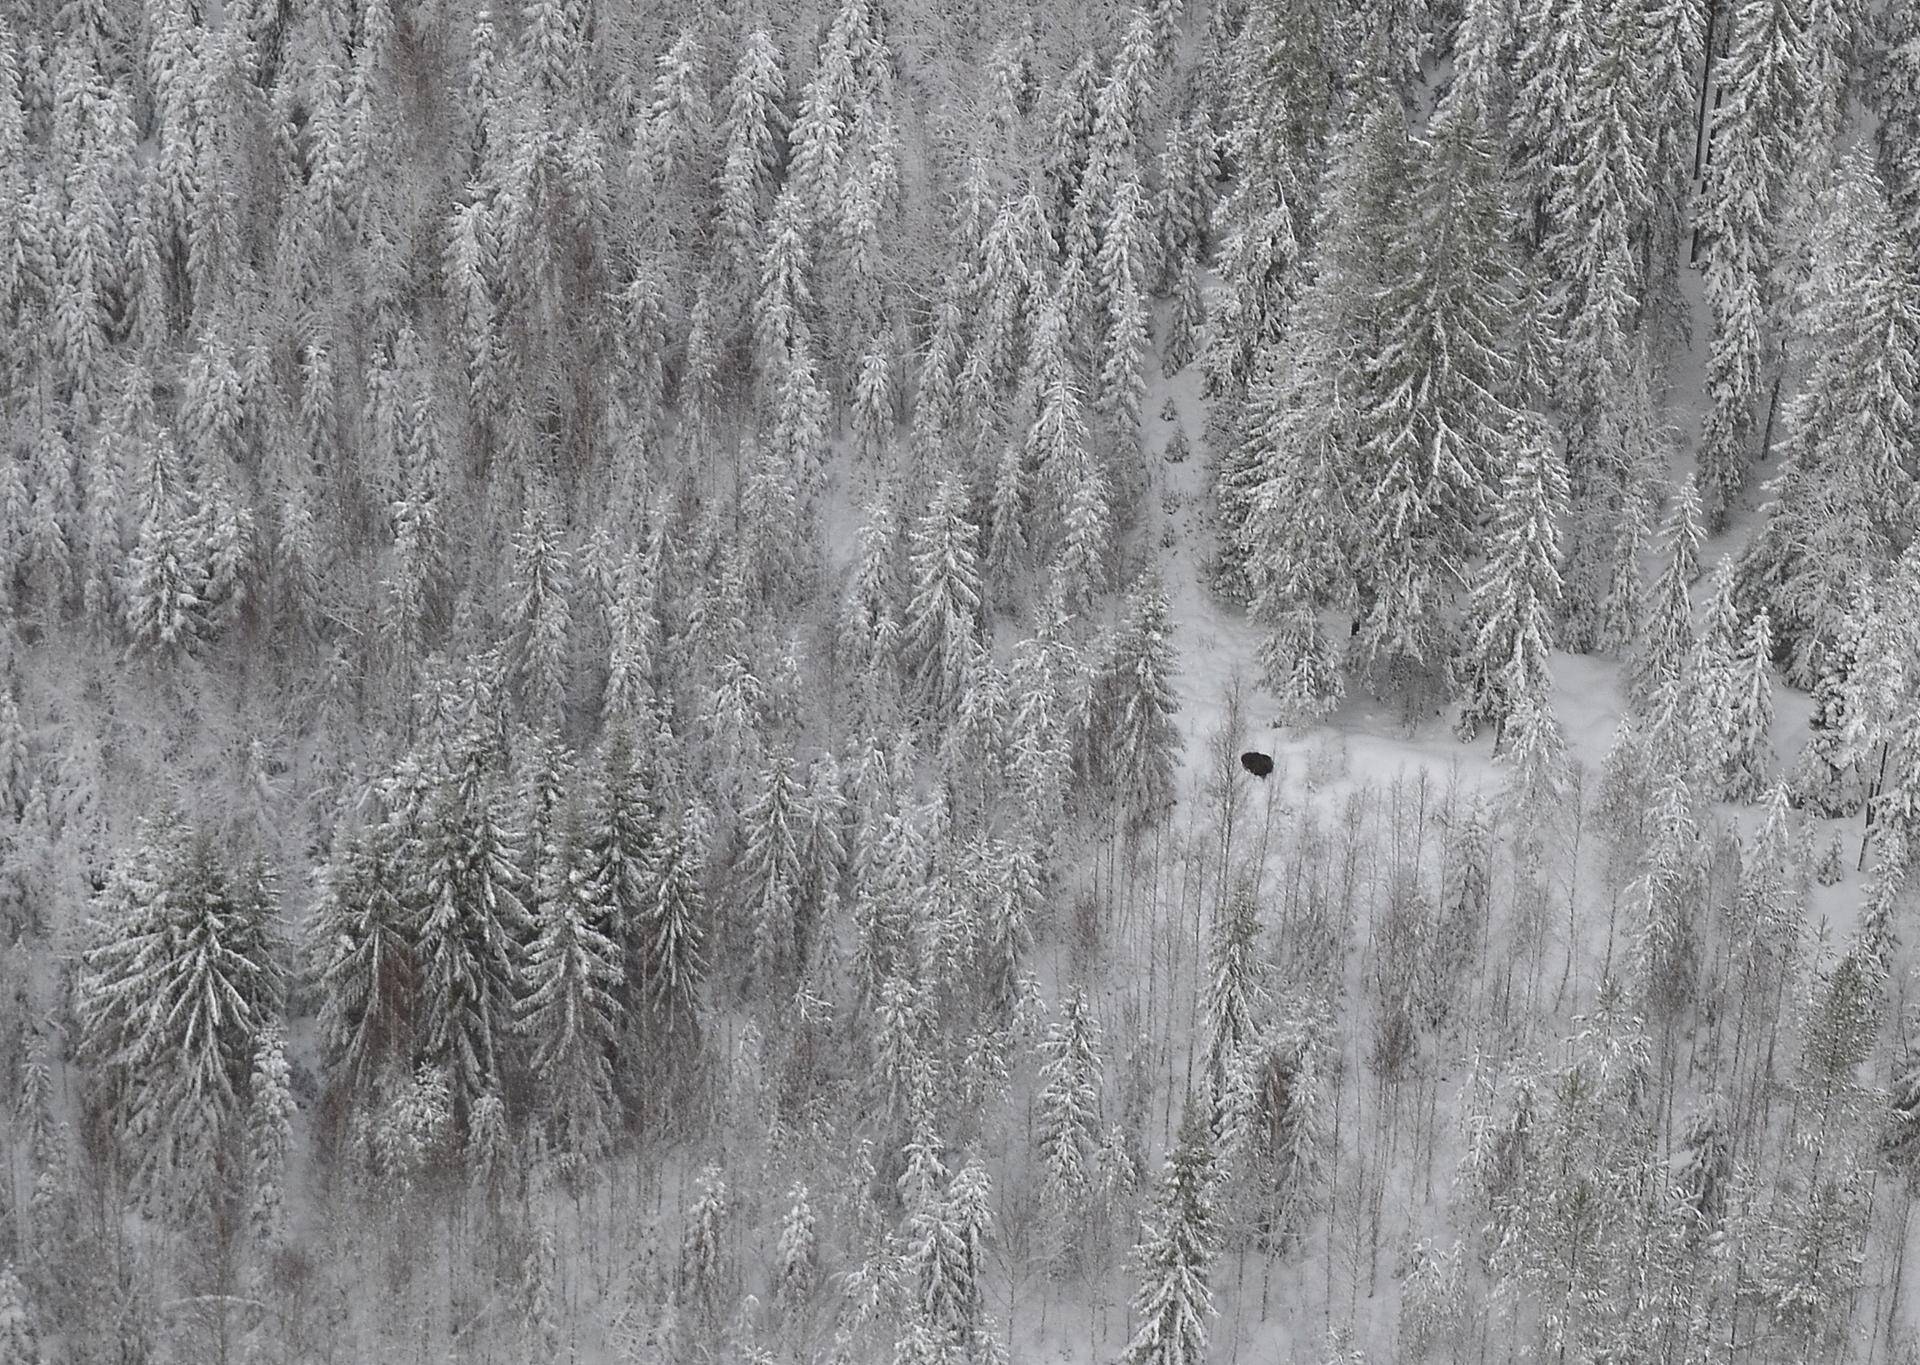 Siellä makoilee yksi ja metsän kätkössä on toinen.